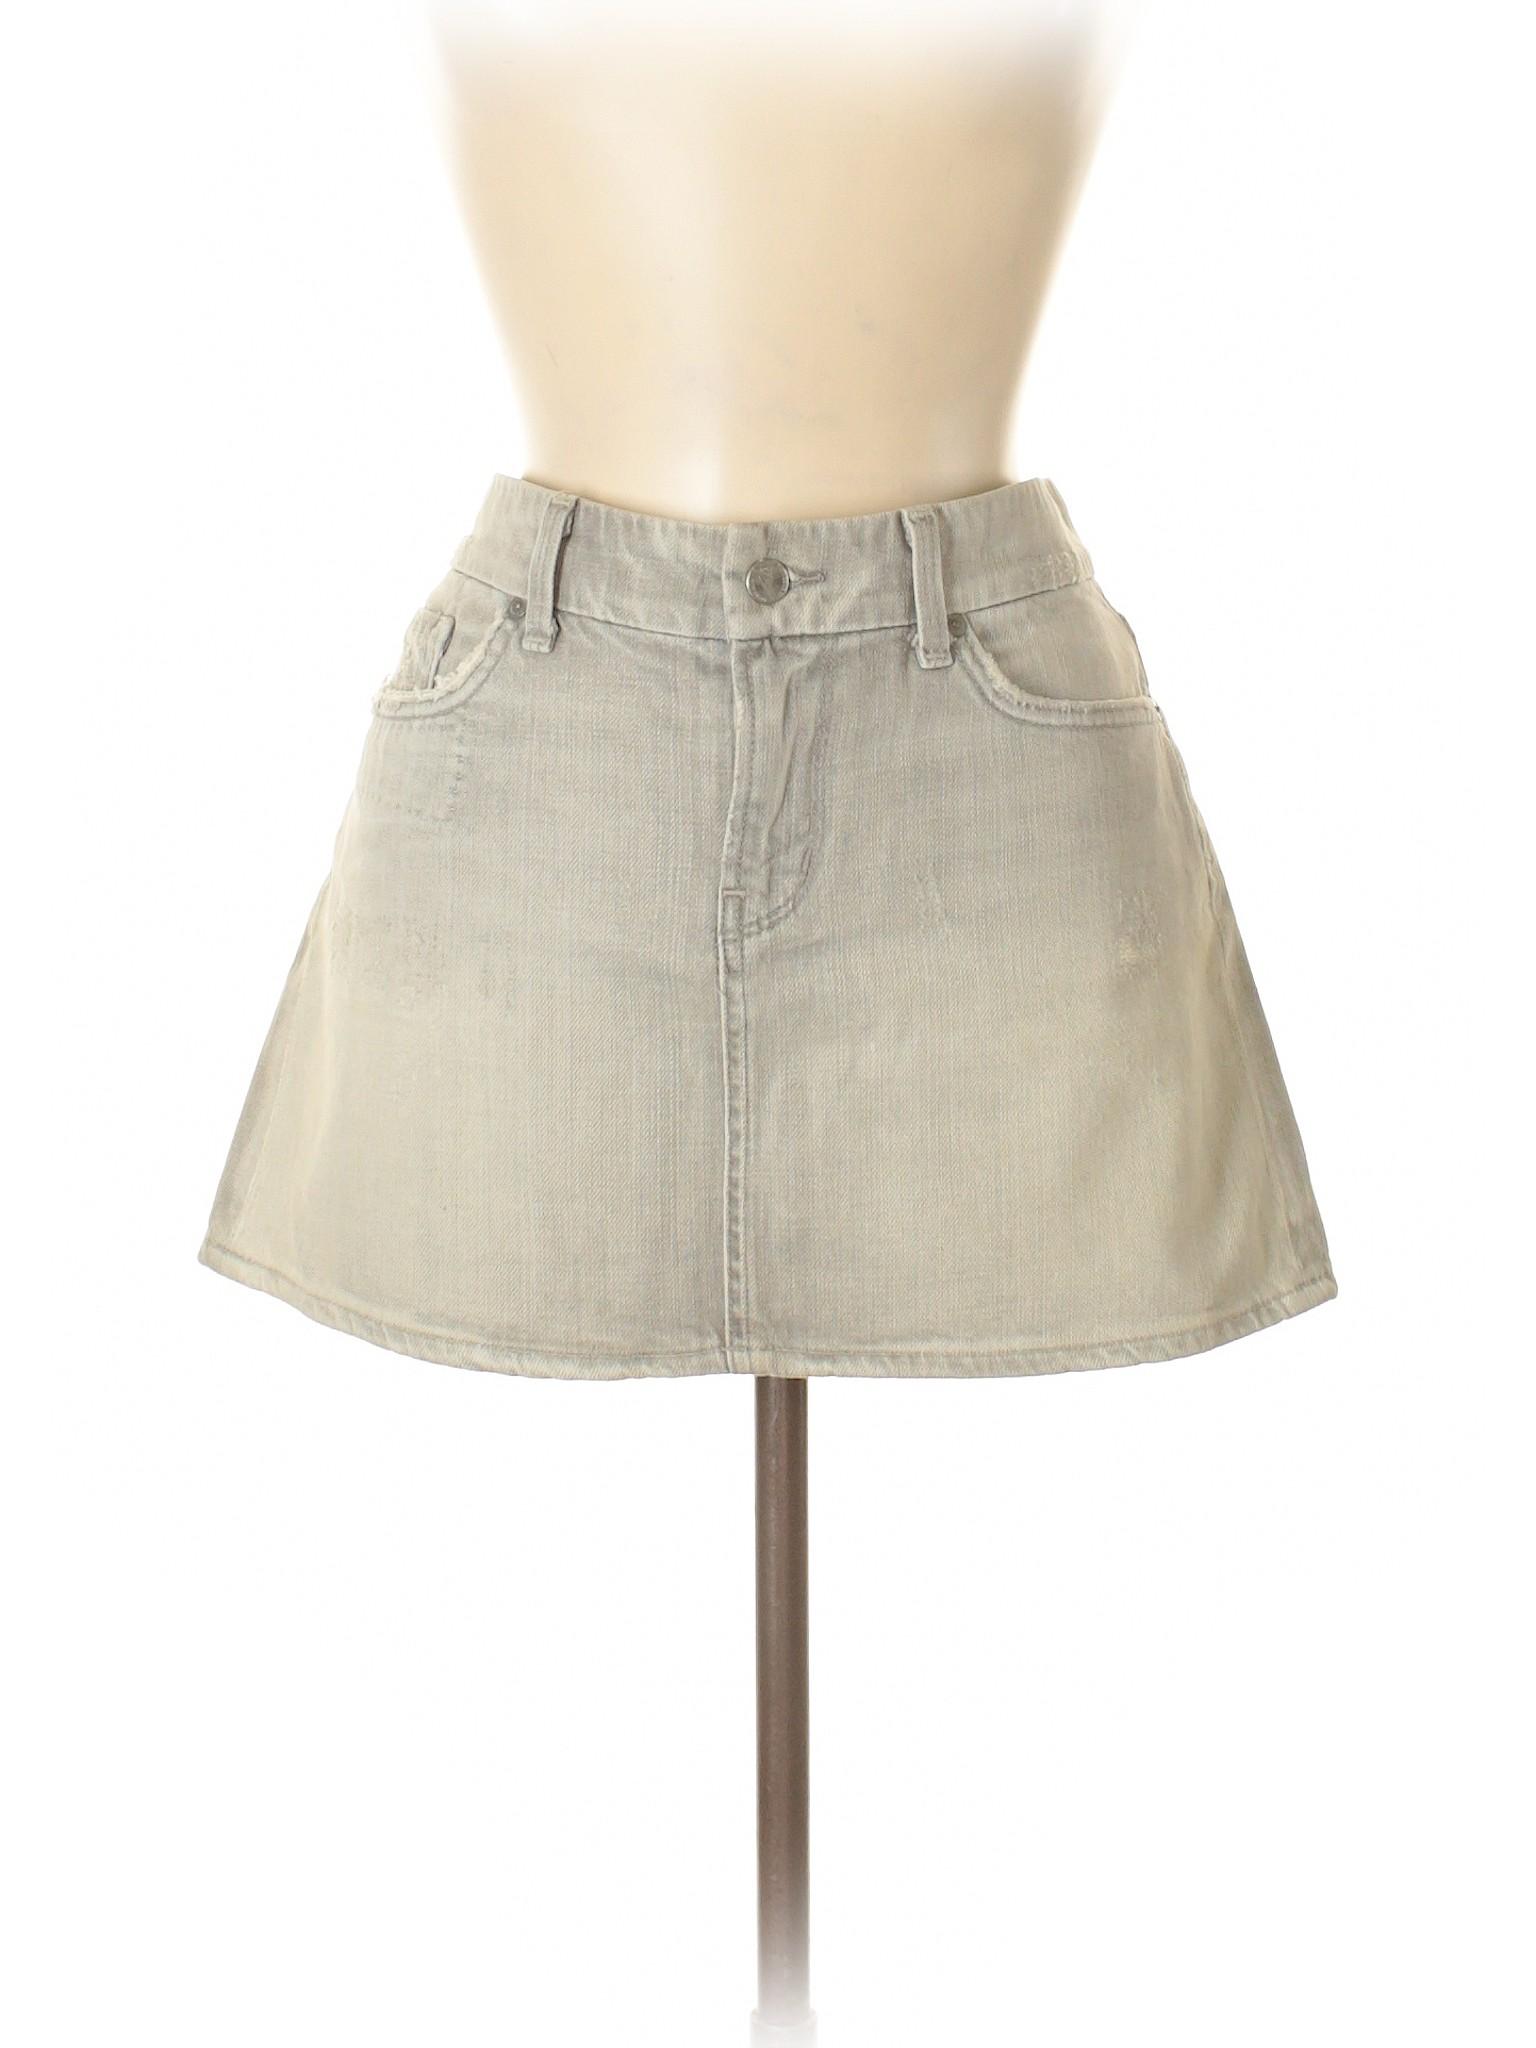 Boutique Boutique Denim Denim Skirt Boutique Skirt Skirt Denim Denim Boutique x0fXdwr1Xq